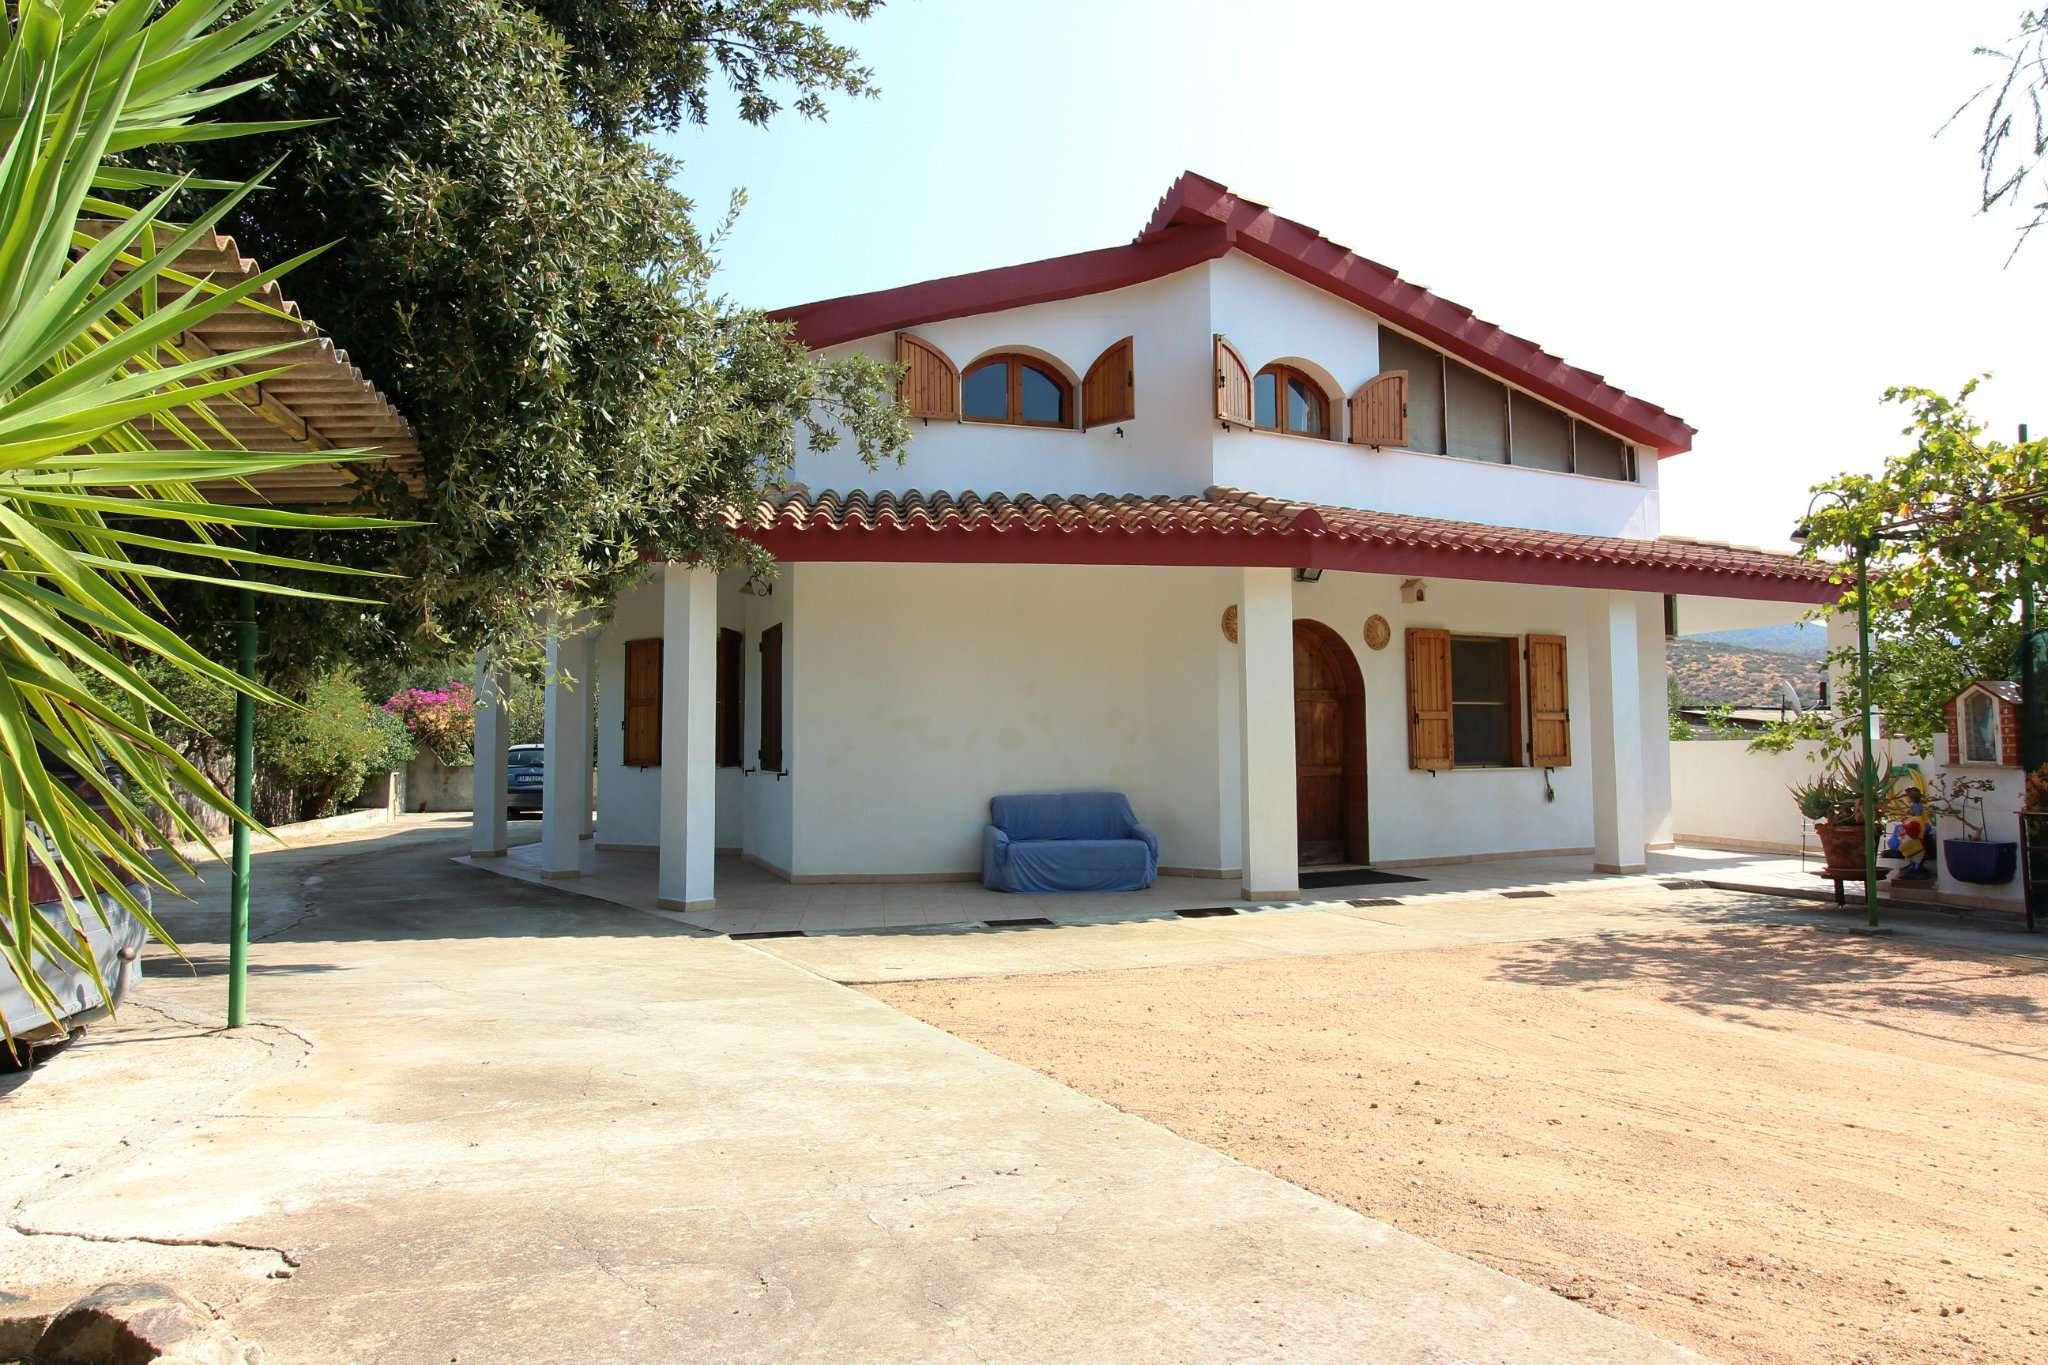 Villa in vendita a Sinnai, 8 locali, prezzo € 230.000 | CambioCasa.it